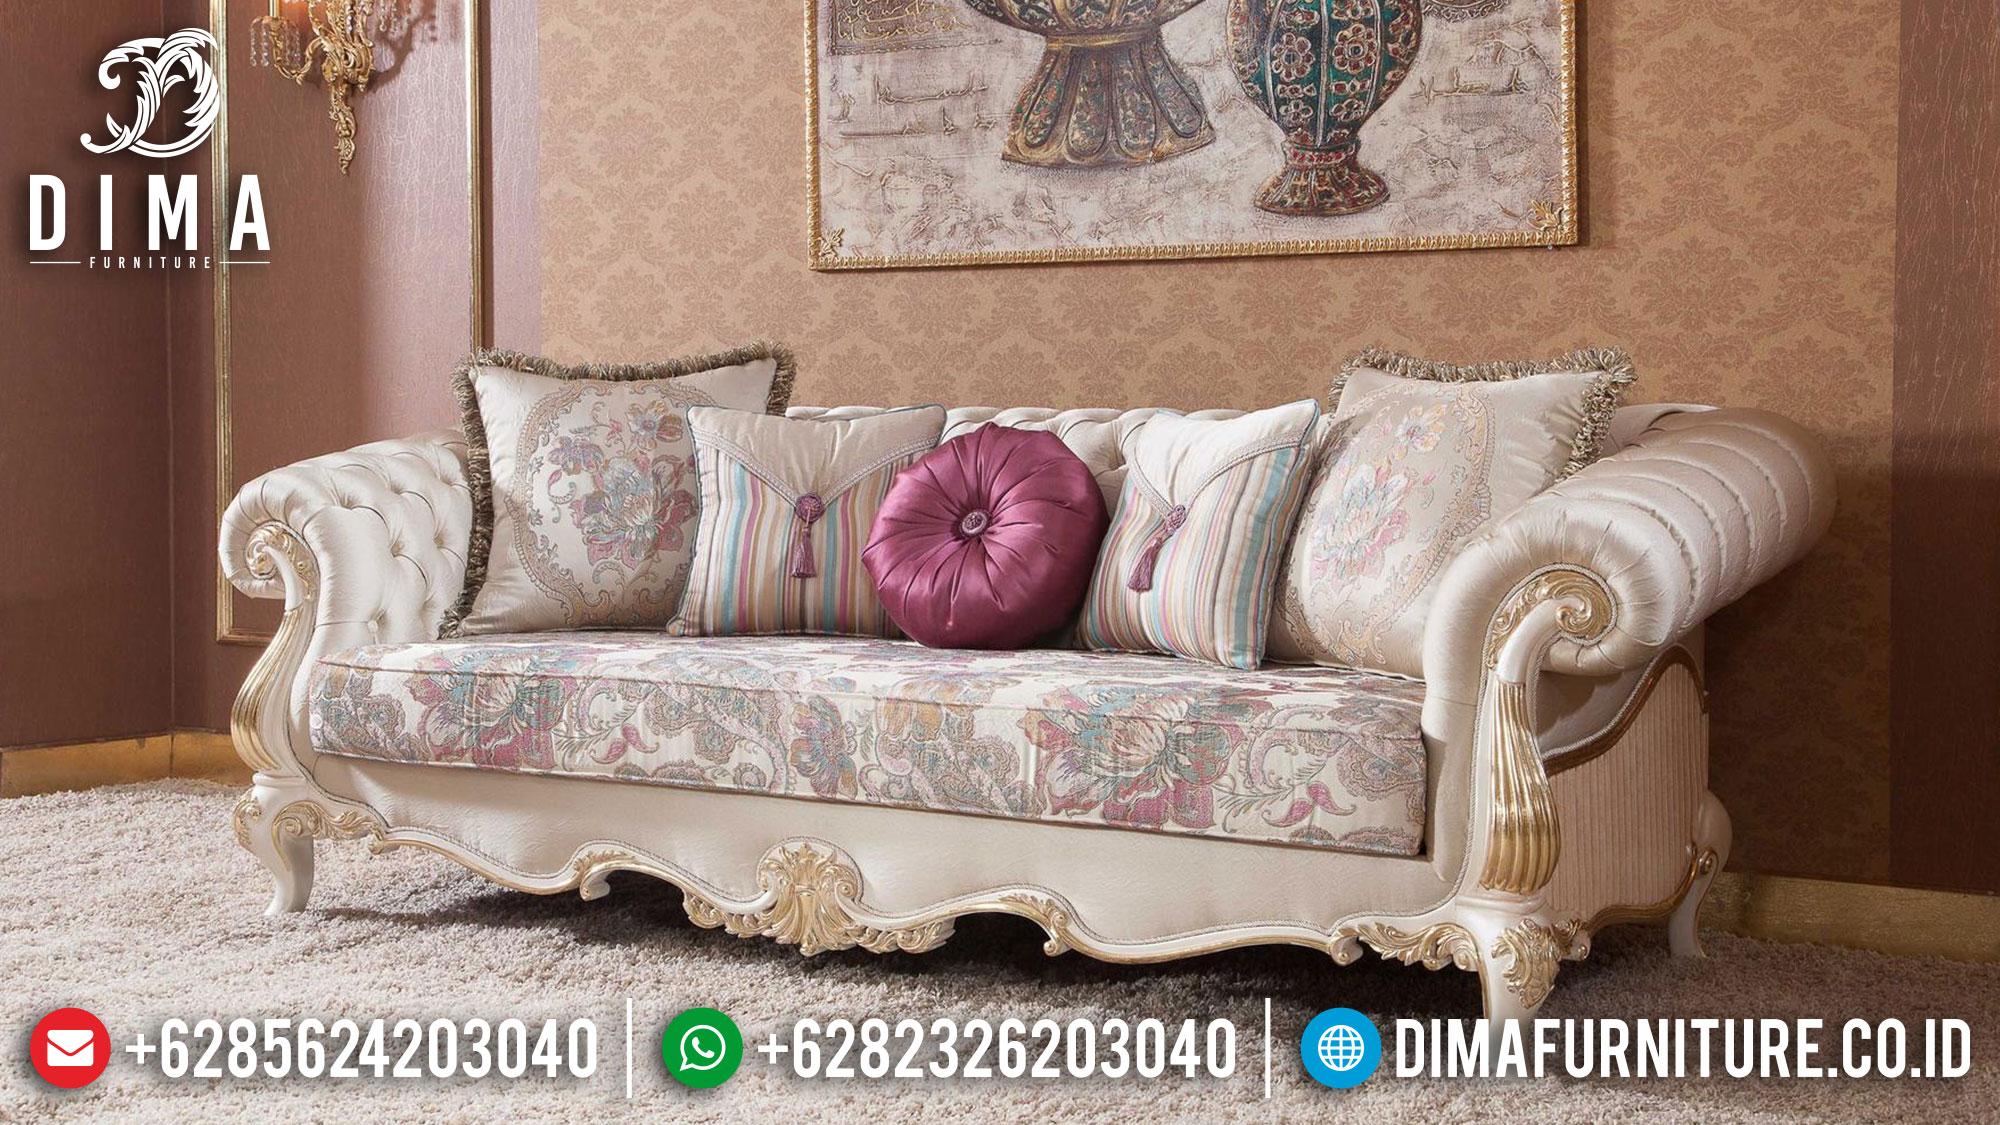 Sofa Mewah 3 Dudukan Luxury Classic Carving Beautiful Style Terbaru Mm-0904